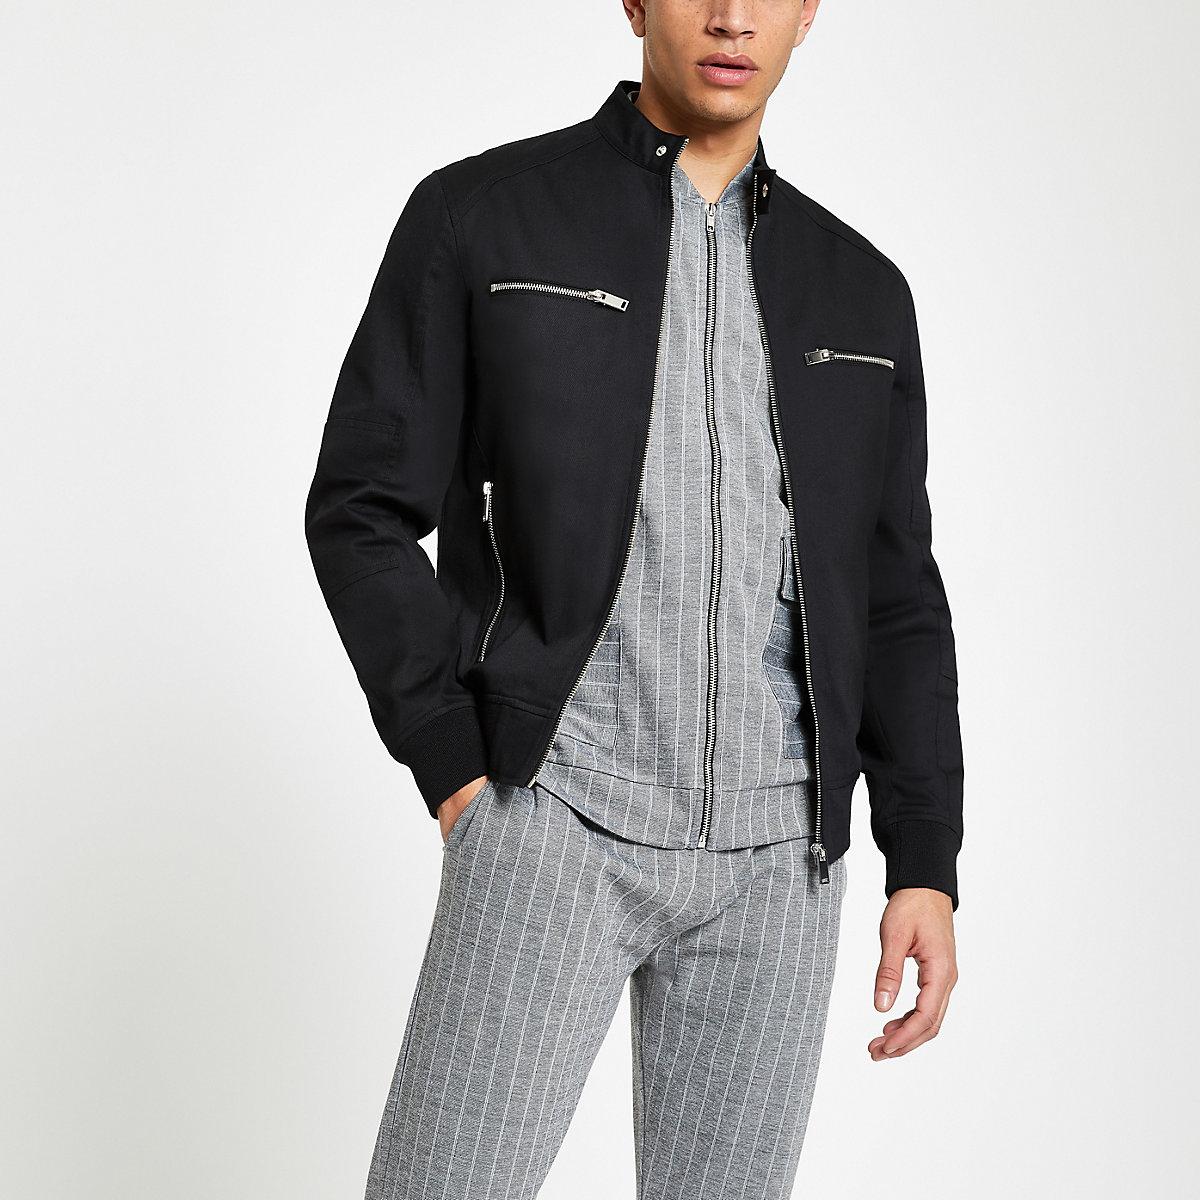 Black zip front racer jacket